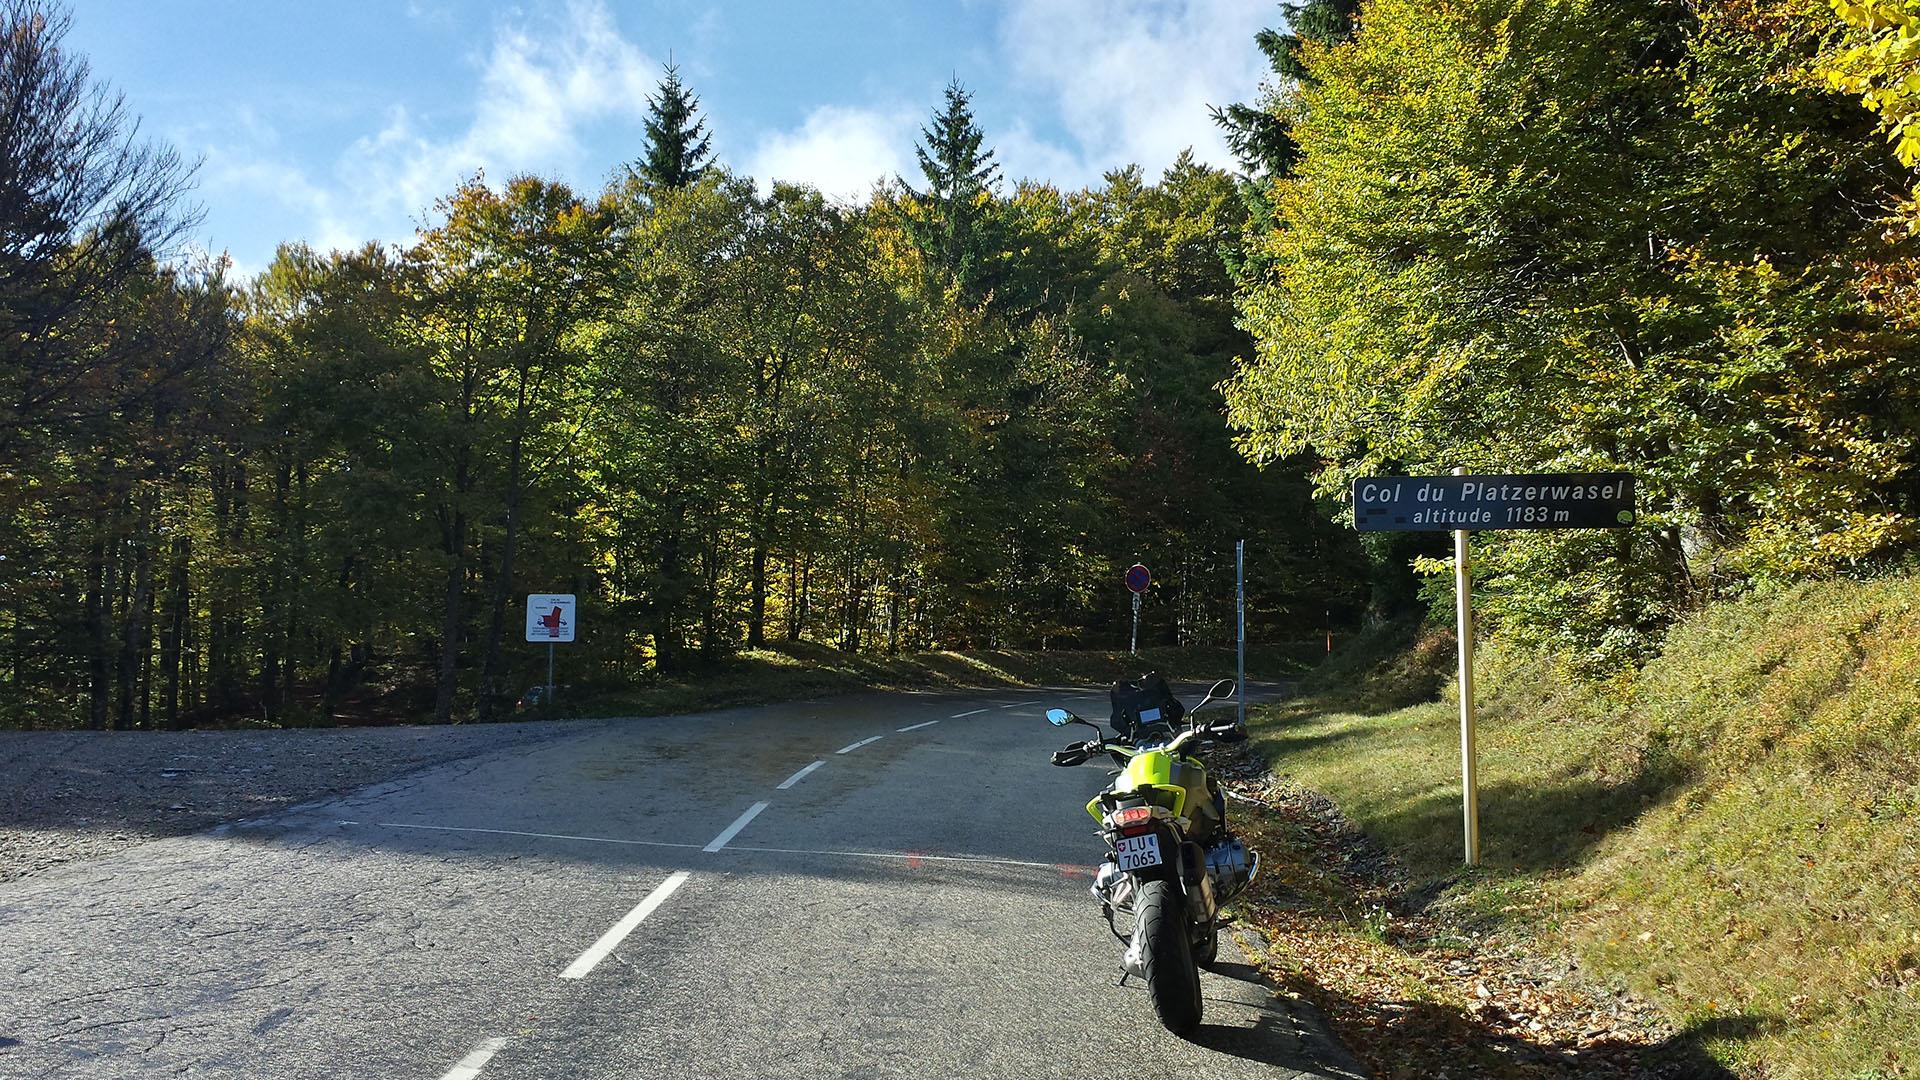 1183 - F - Col du Platzerwasel